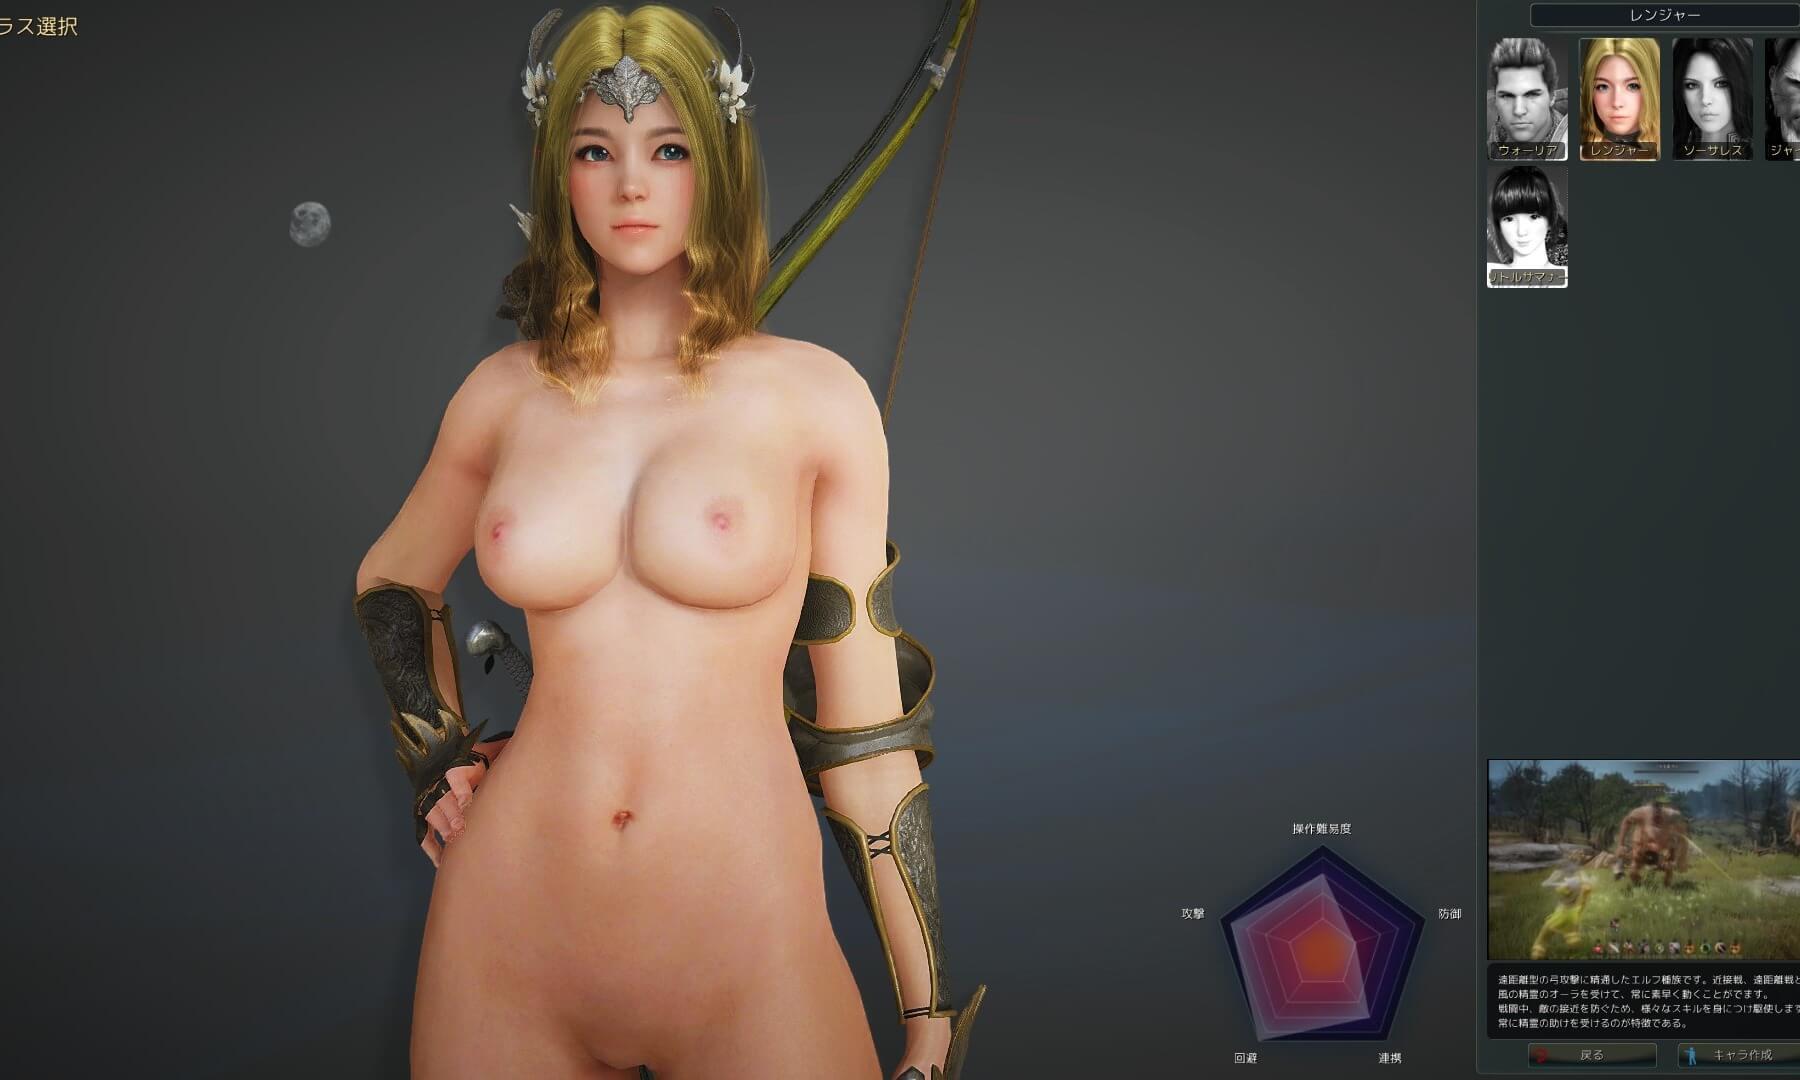 nude creator